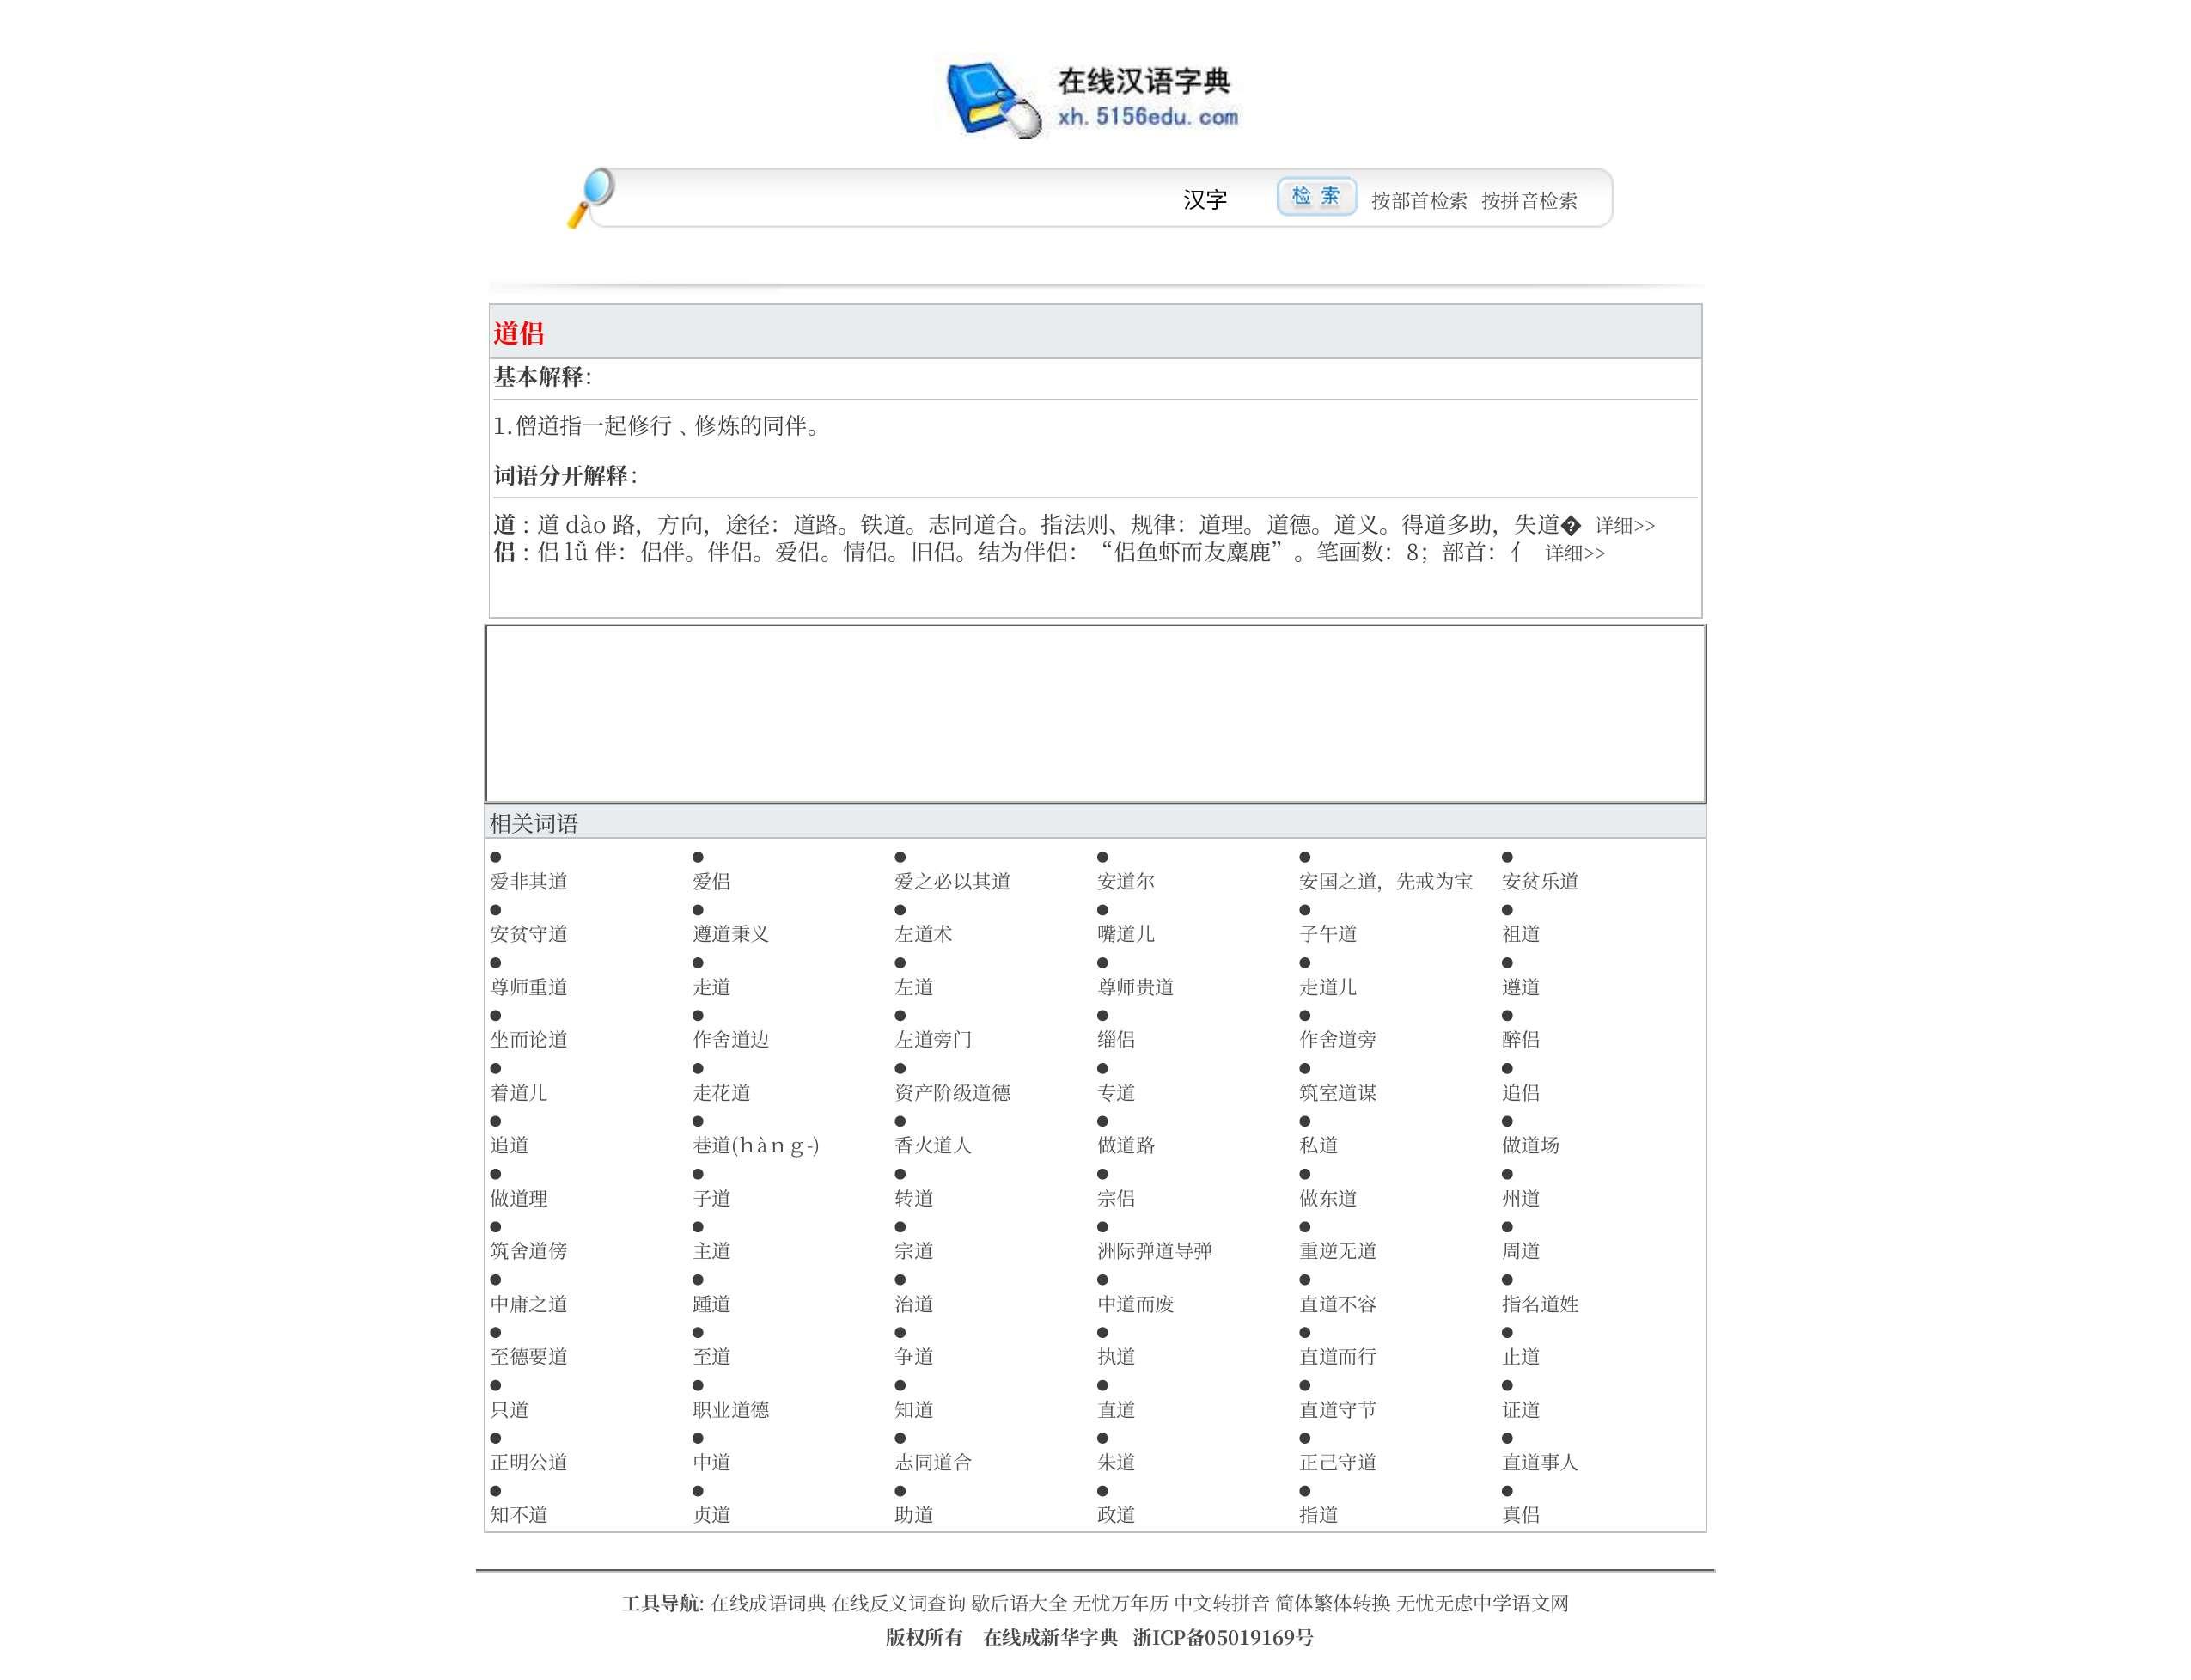 潇湘同城专用名词解释